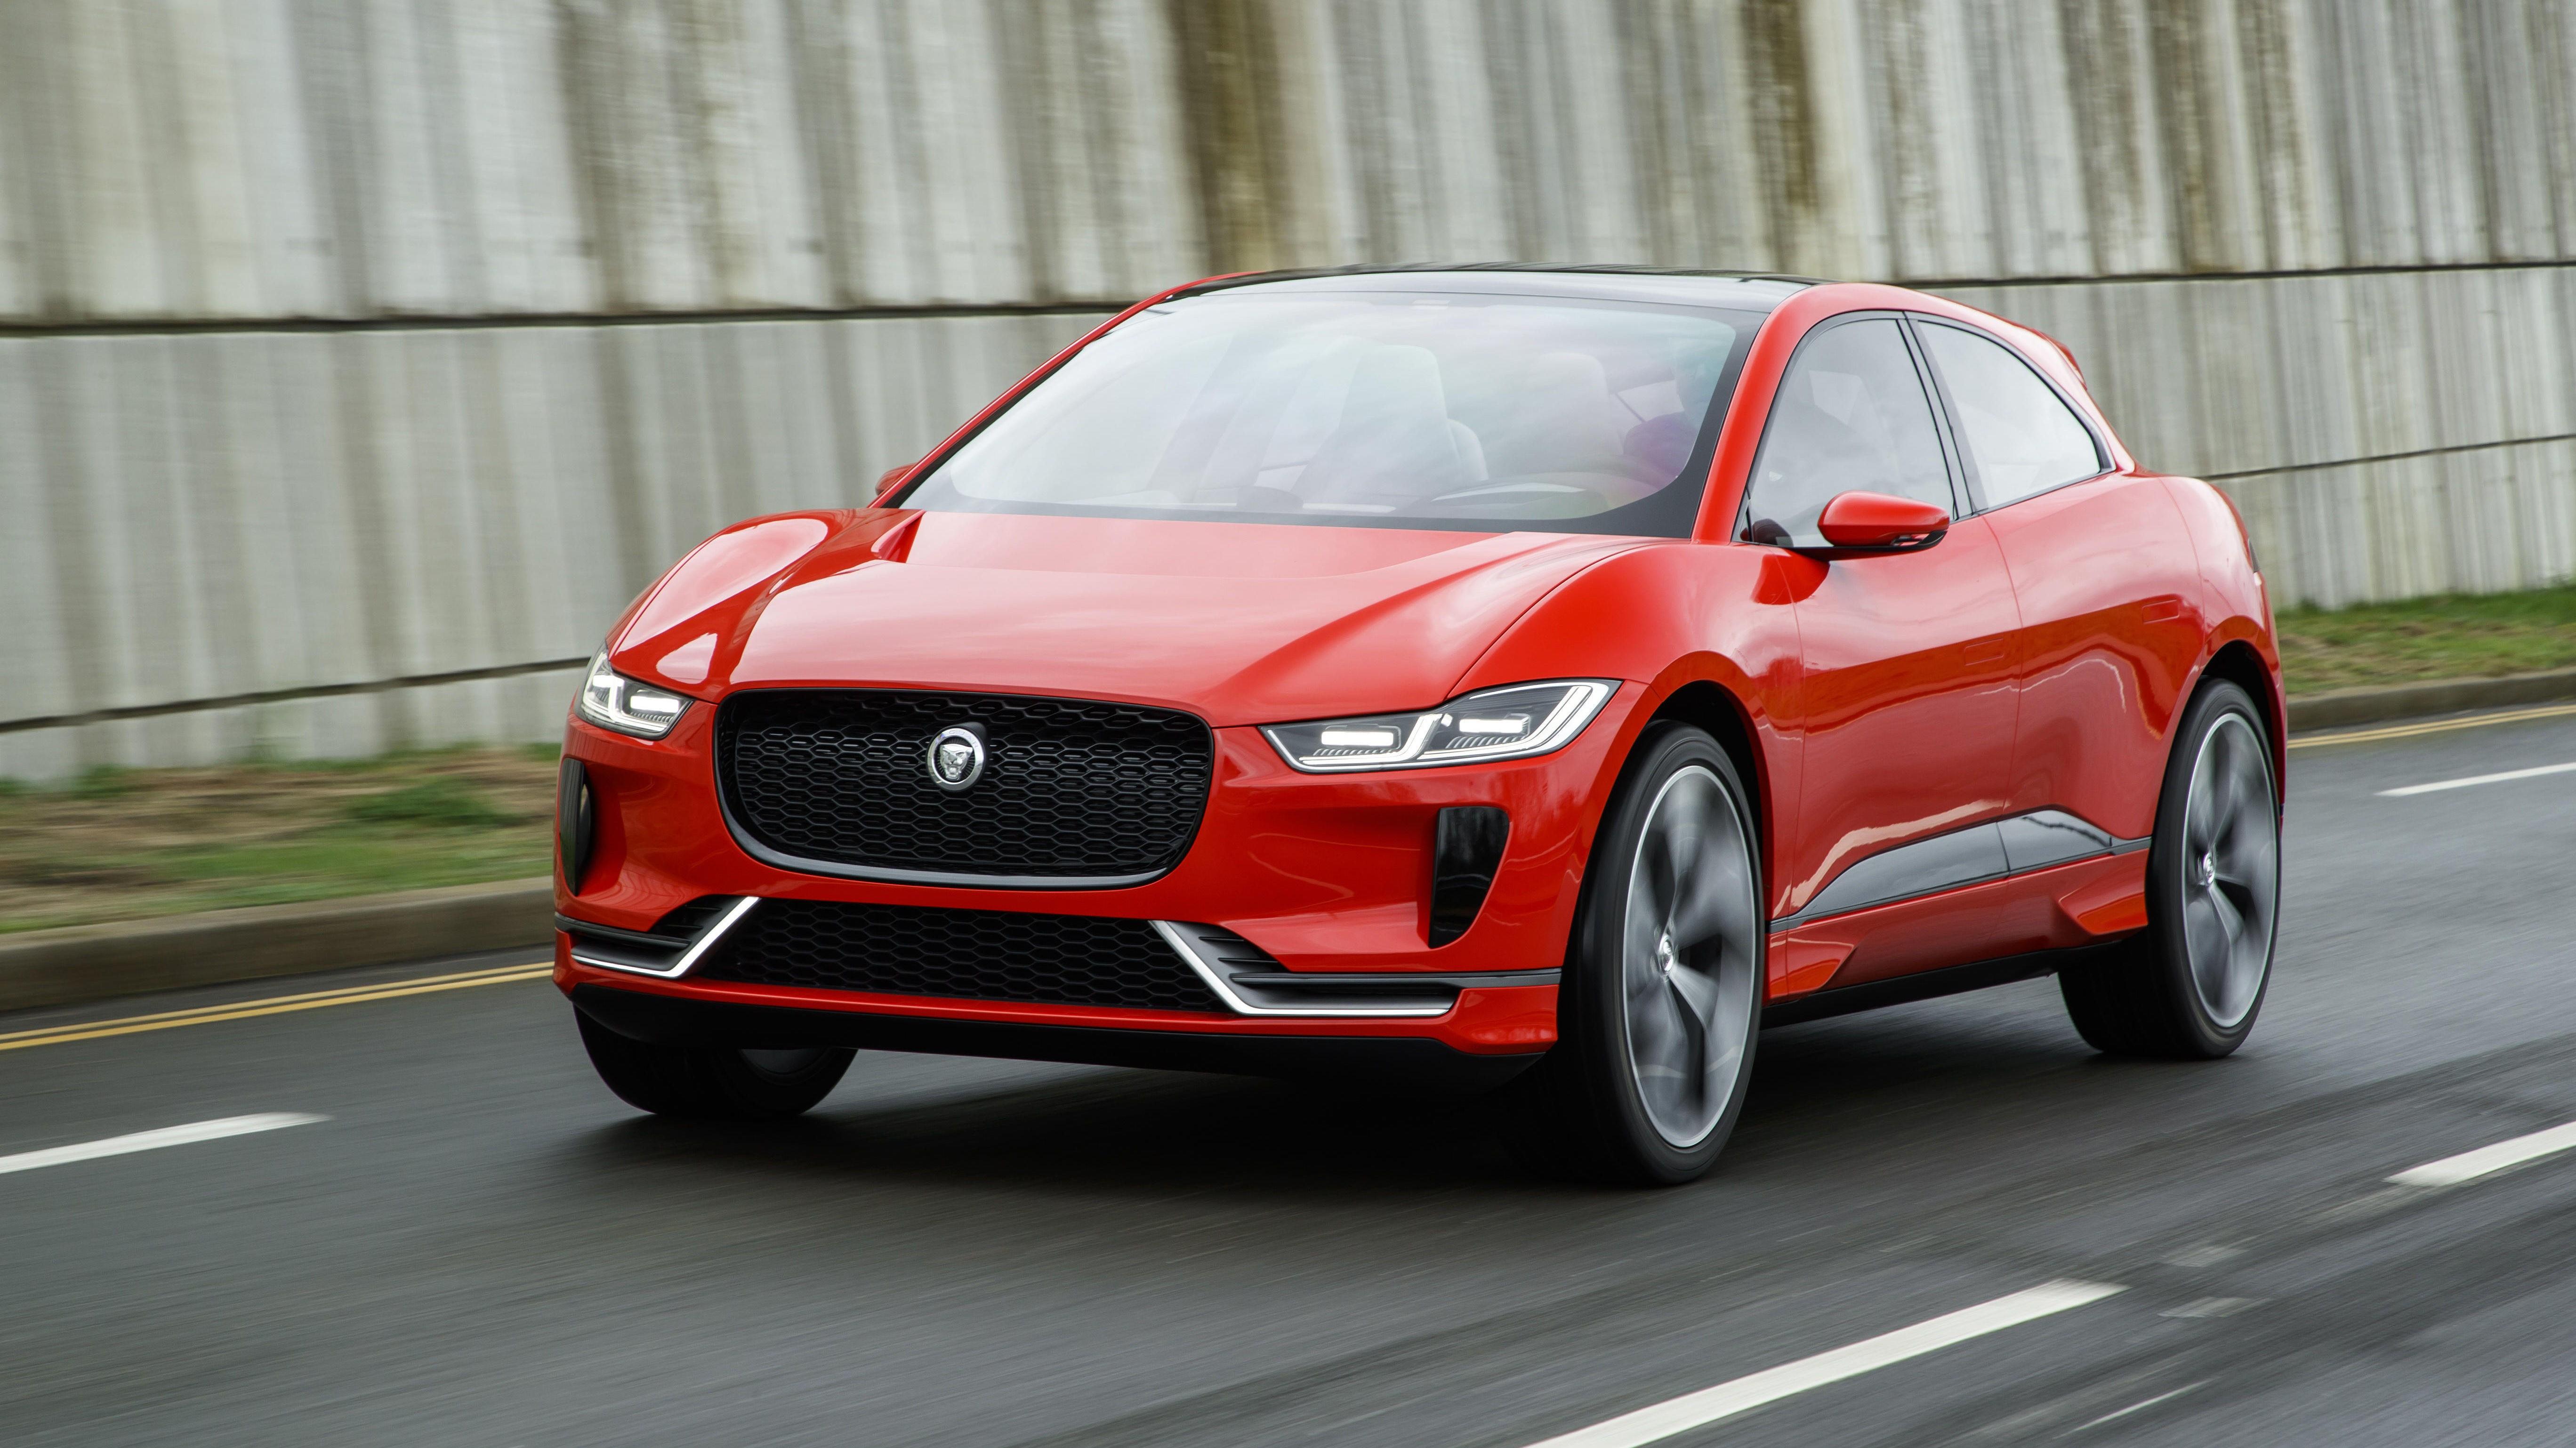 Jaguar er tidlig ute med elektrisk SUV. Deres nye I-Pace debuterer i mars neste år.